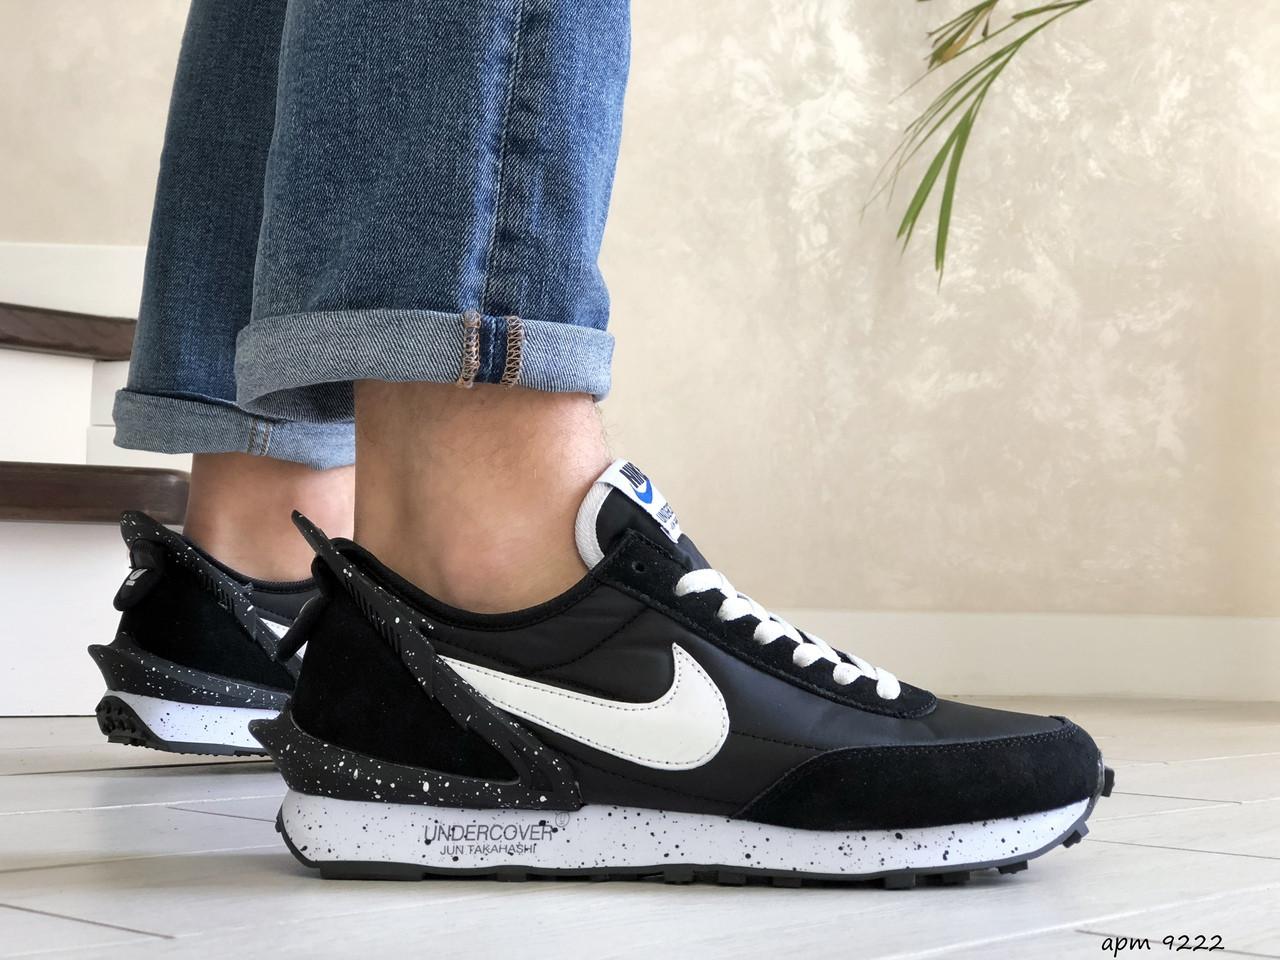 Мужские кроссовки Nike Undercover Jun Takahashi, черно белые